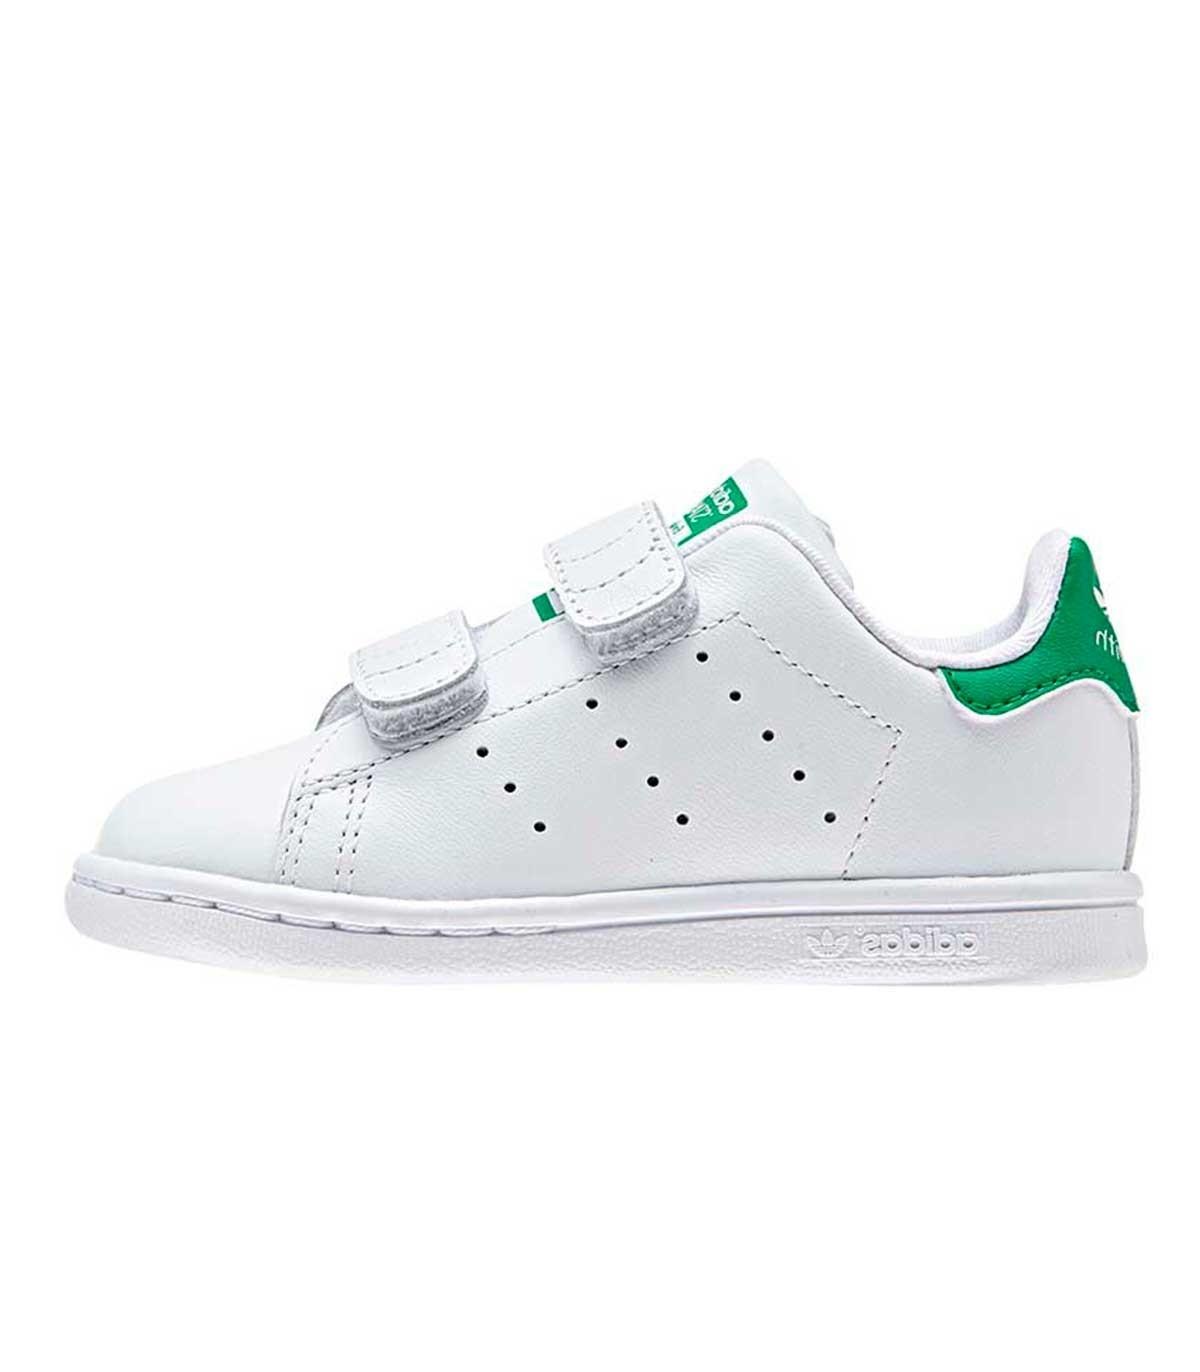 e77f8d31f0b Comprar Adidas Stan Smith | Adidas